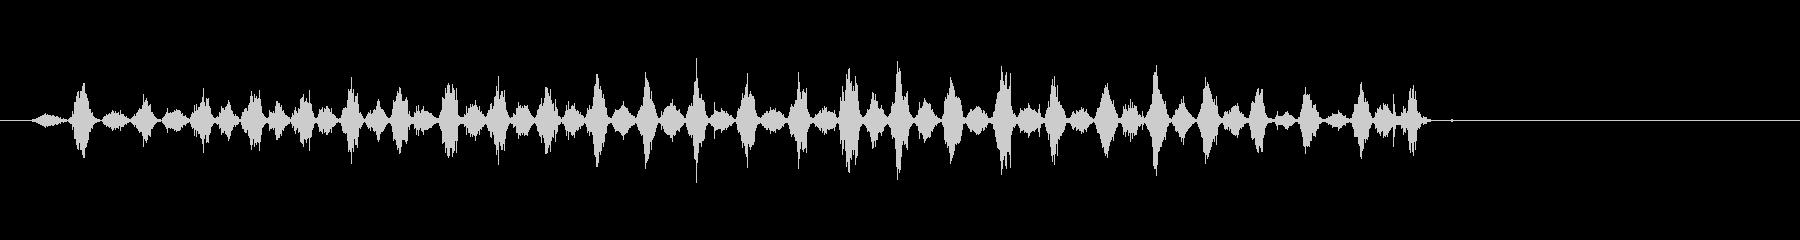 ハックソー、金属製、ツール; DI...の未再生の波形